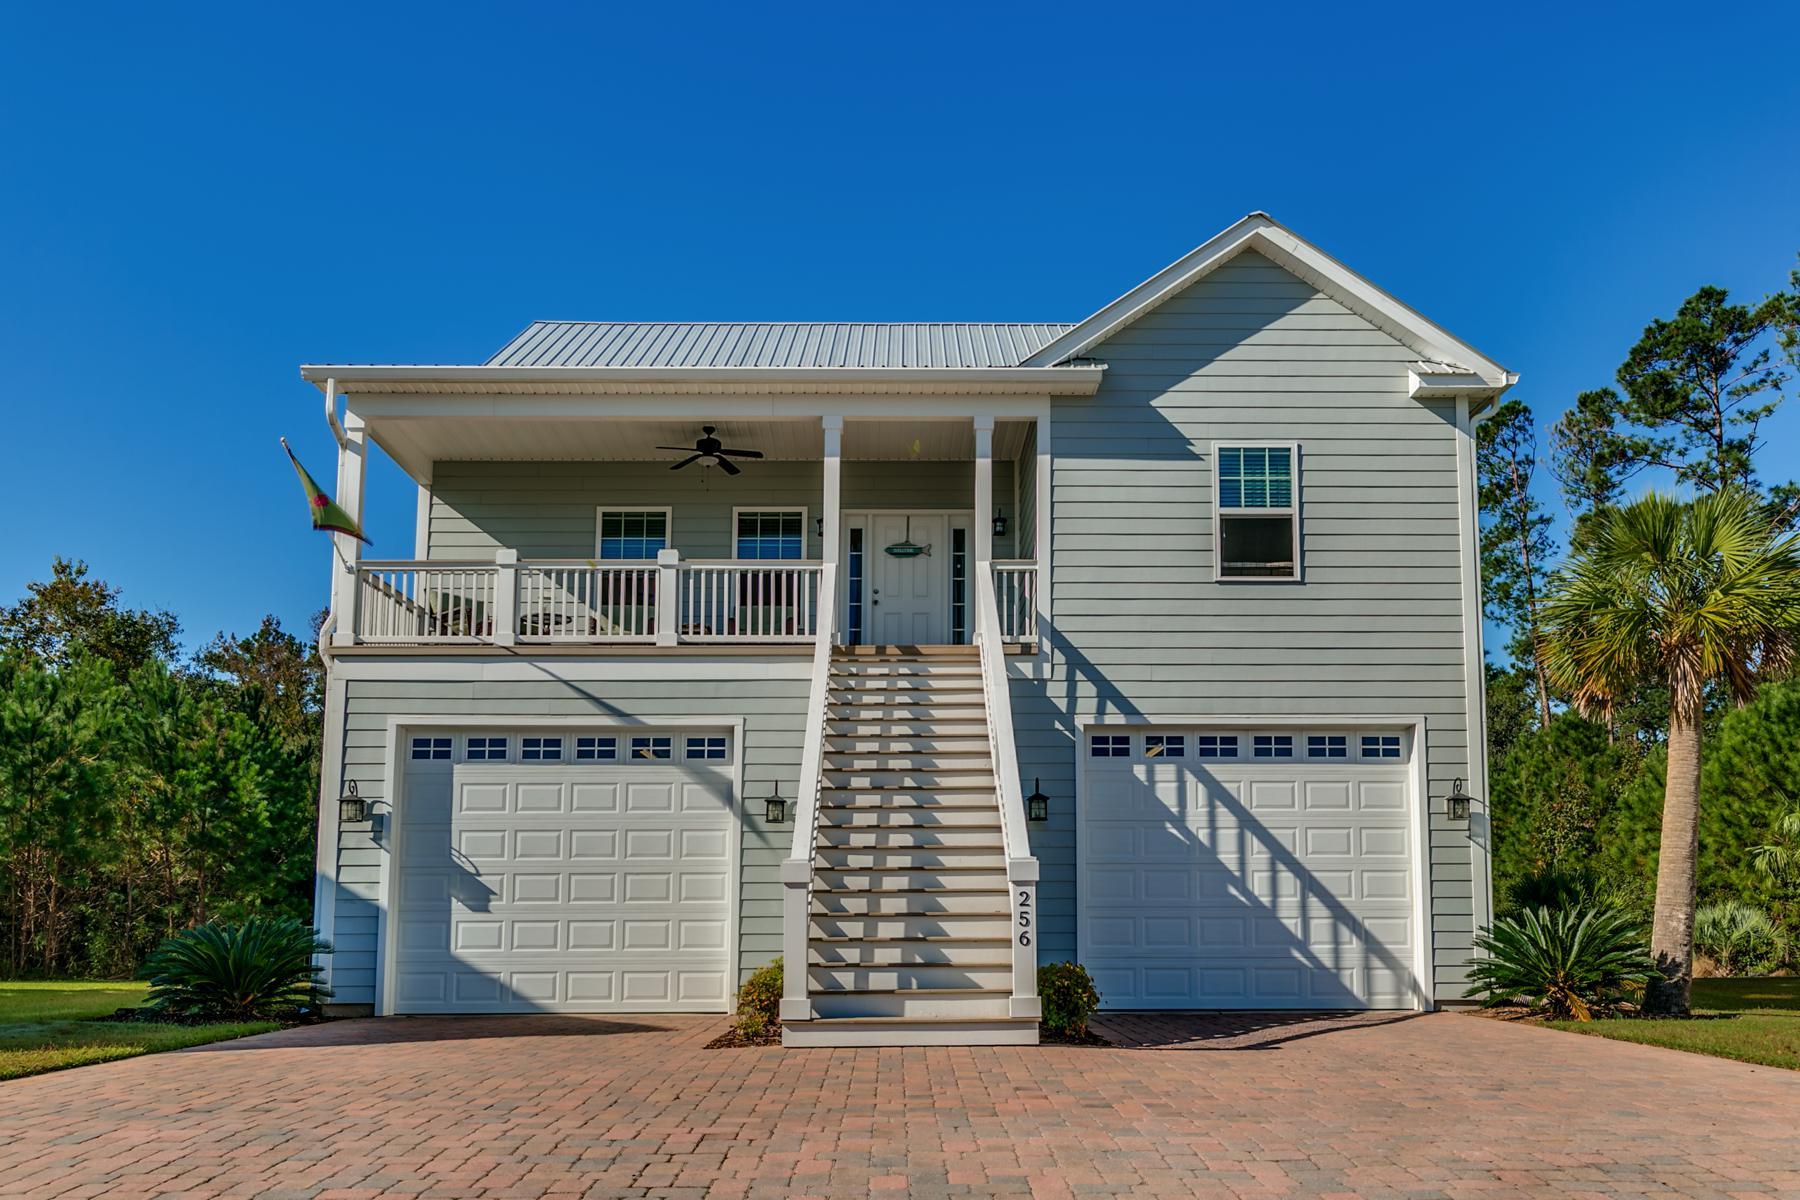 獨棟家庭住宅 為 出售 在 256 Graytwig Circle Murrells Inlet, 南卡羅來納州, 29576 美國